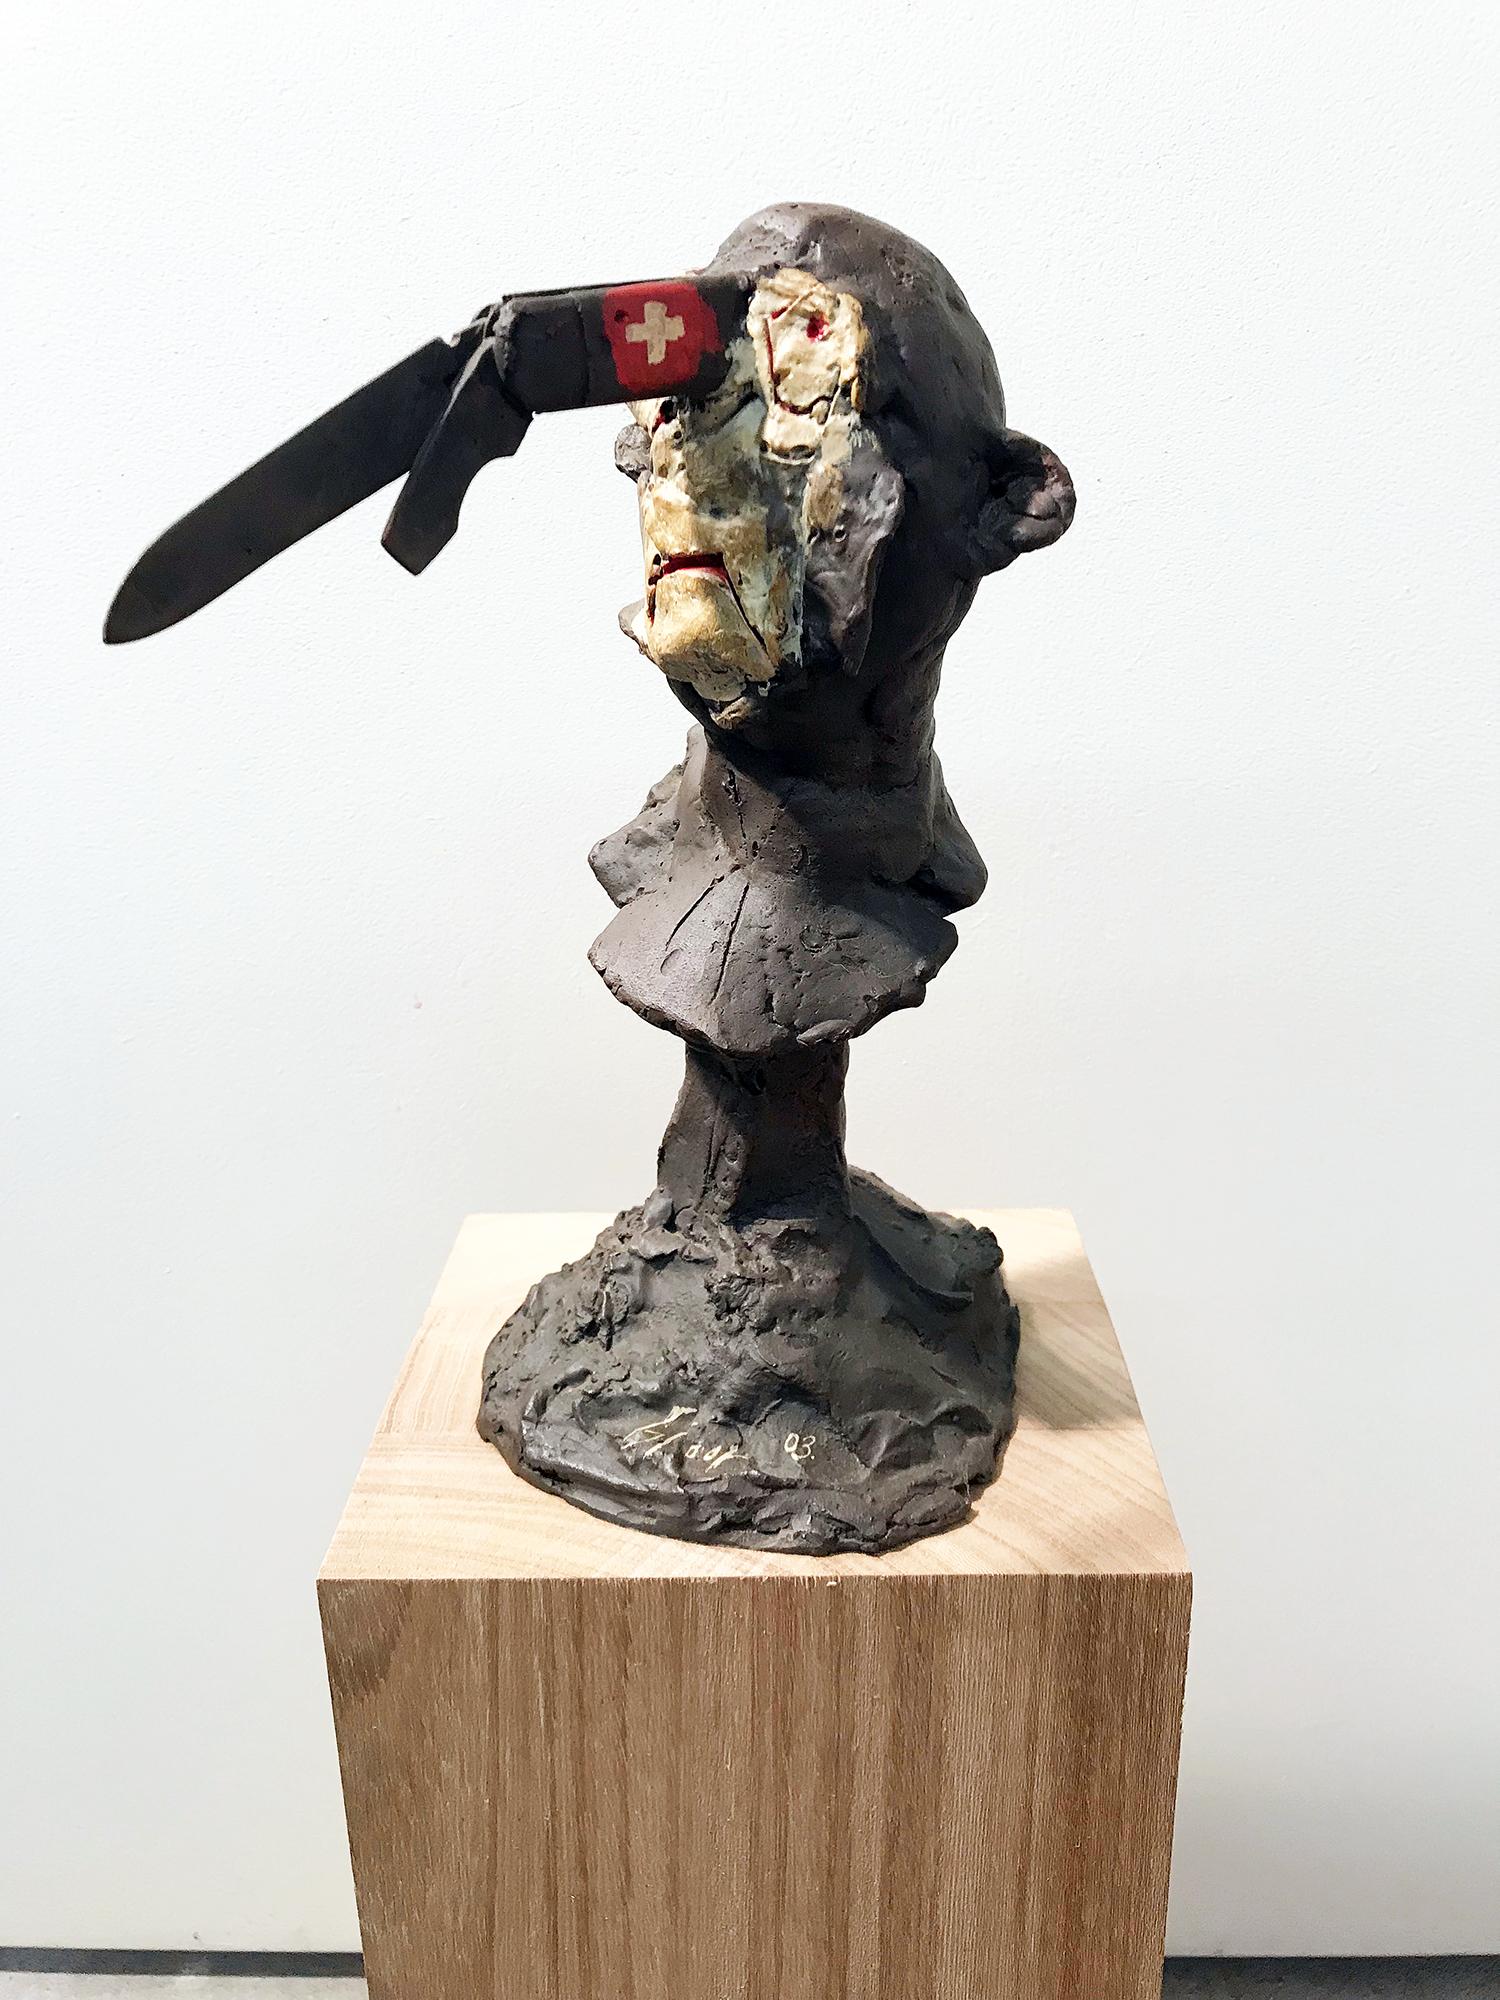 Ohne Namen, 2003, Bronzeguss, Auflage 5 Ex., 29 x 10 x 19 cm